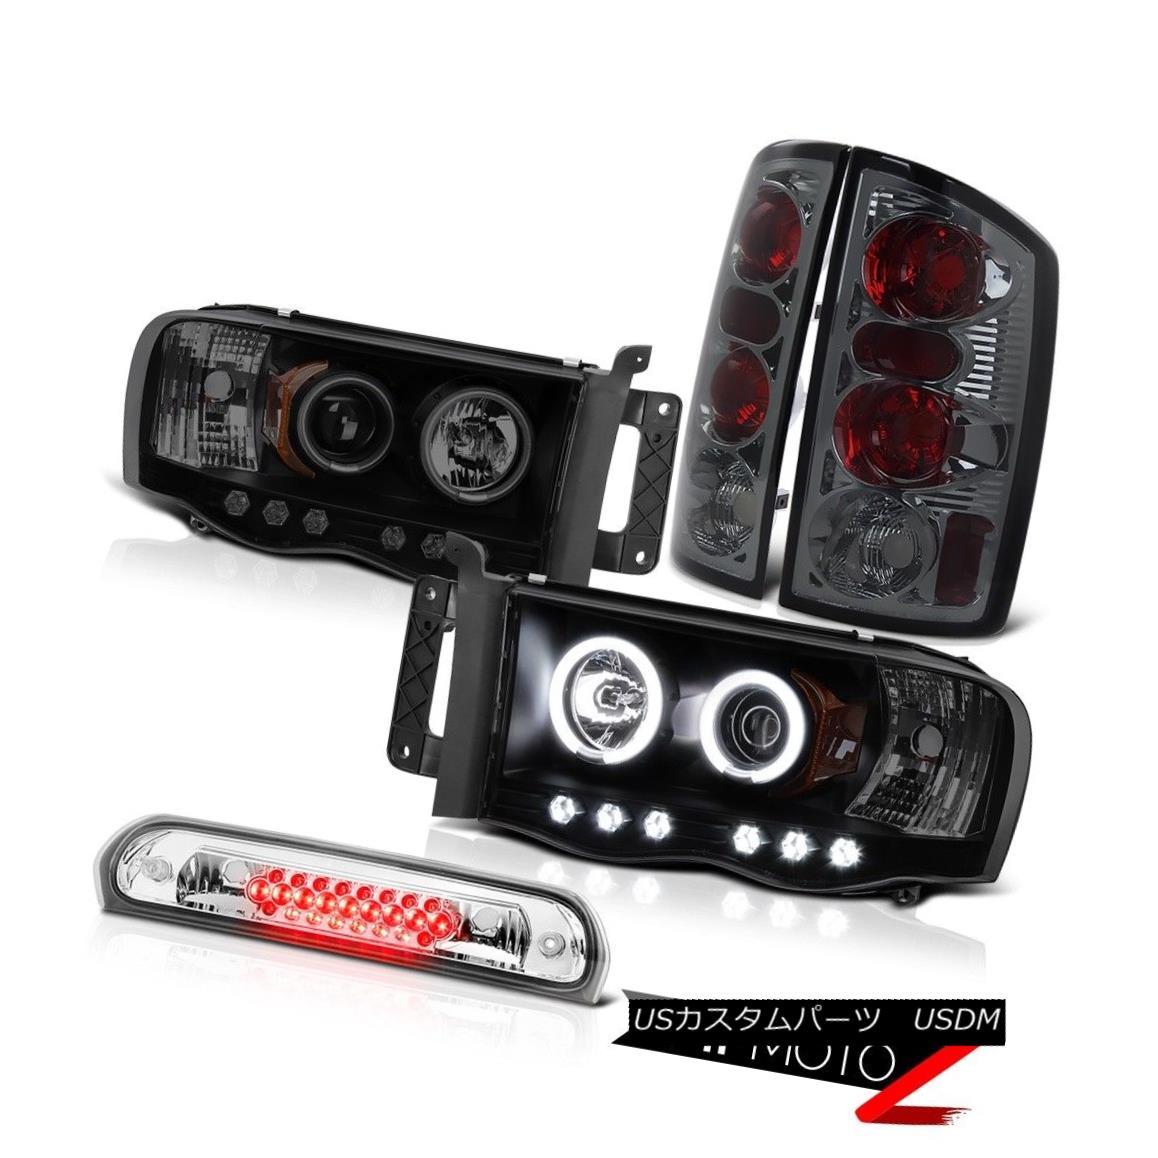 ヘッドライト *CCFL* Headlights DRL Tinted Taillights Euro Third LED 2002-2005 Ram TurboDiesel * CCFL *ヘッドライトDRLティンテッドティアライトユーロサードLED 2002-2005ラムターボディーゼル